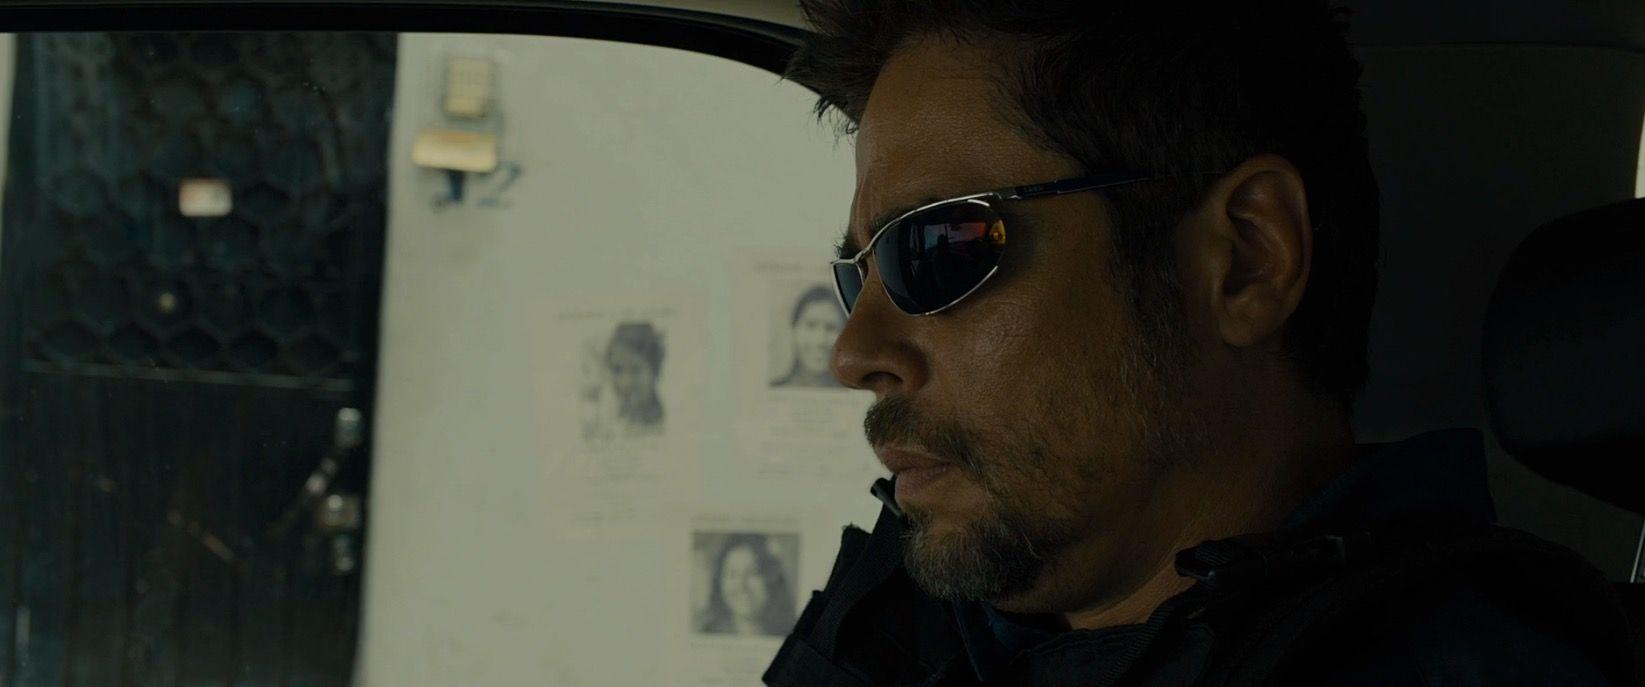 Del Benicio Sicario2015 Sunglasses Toro Izod By In Worn wOknX08P